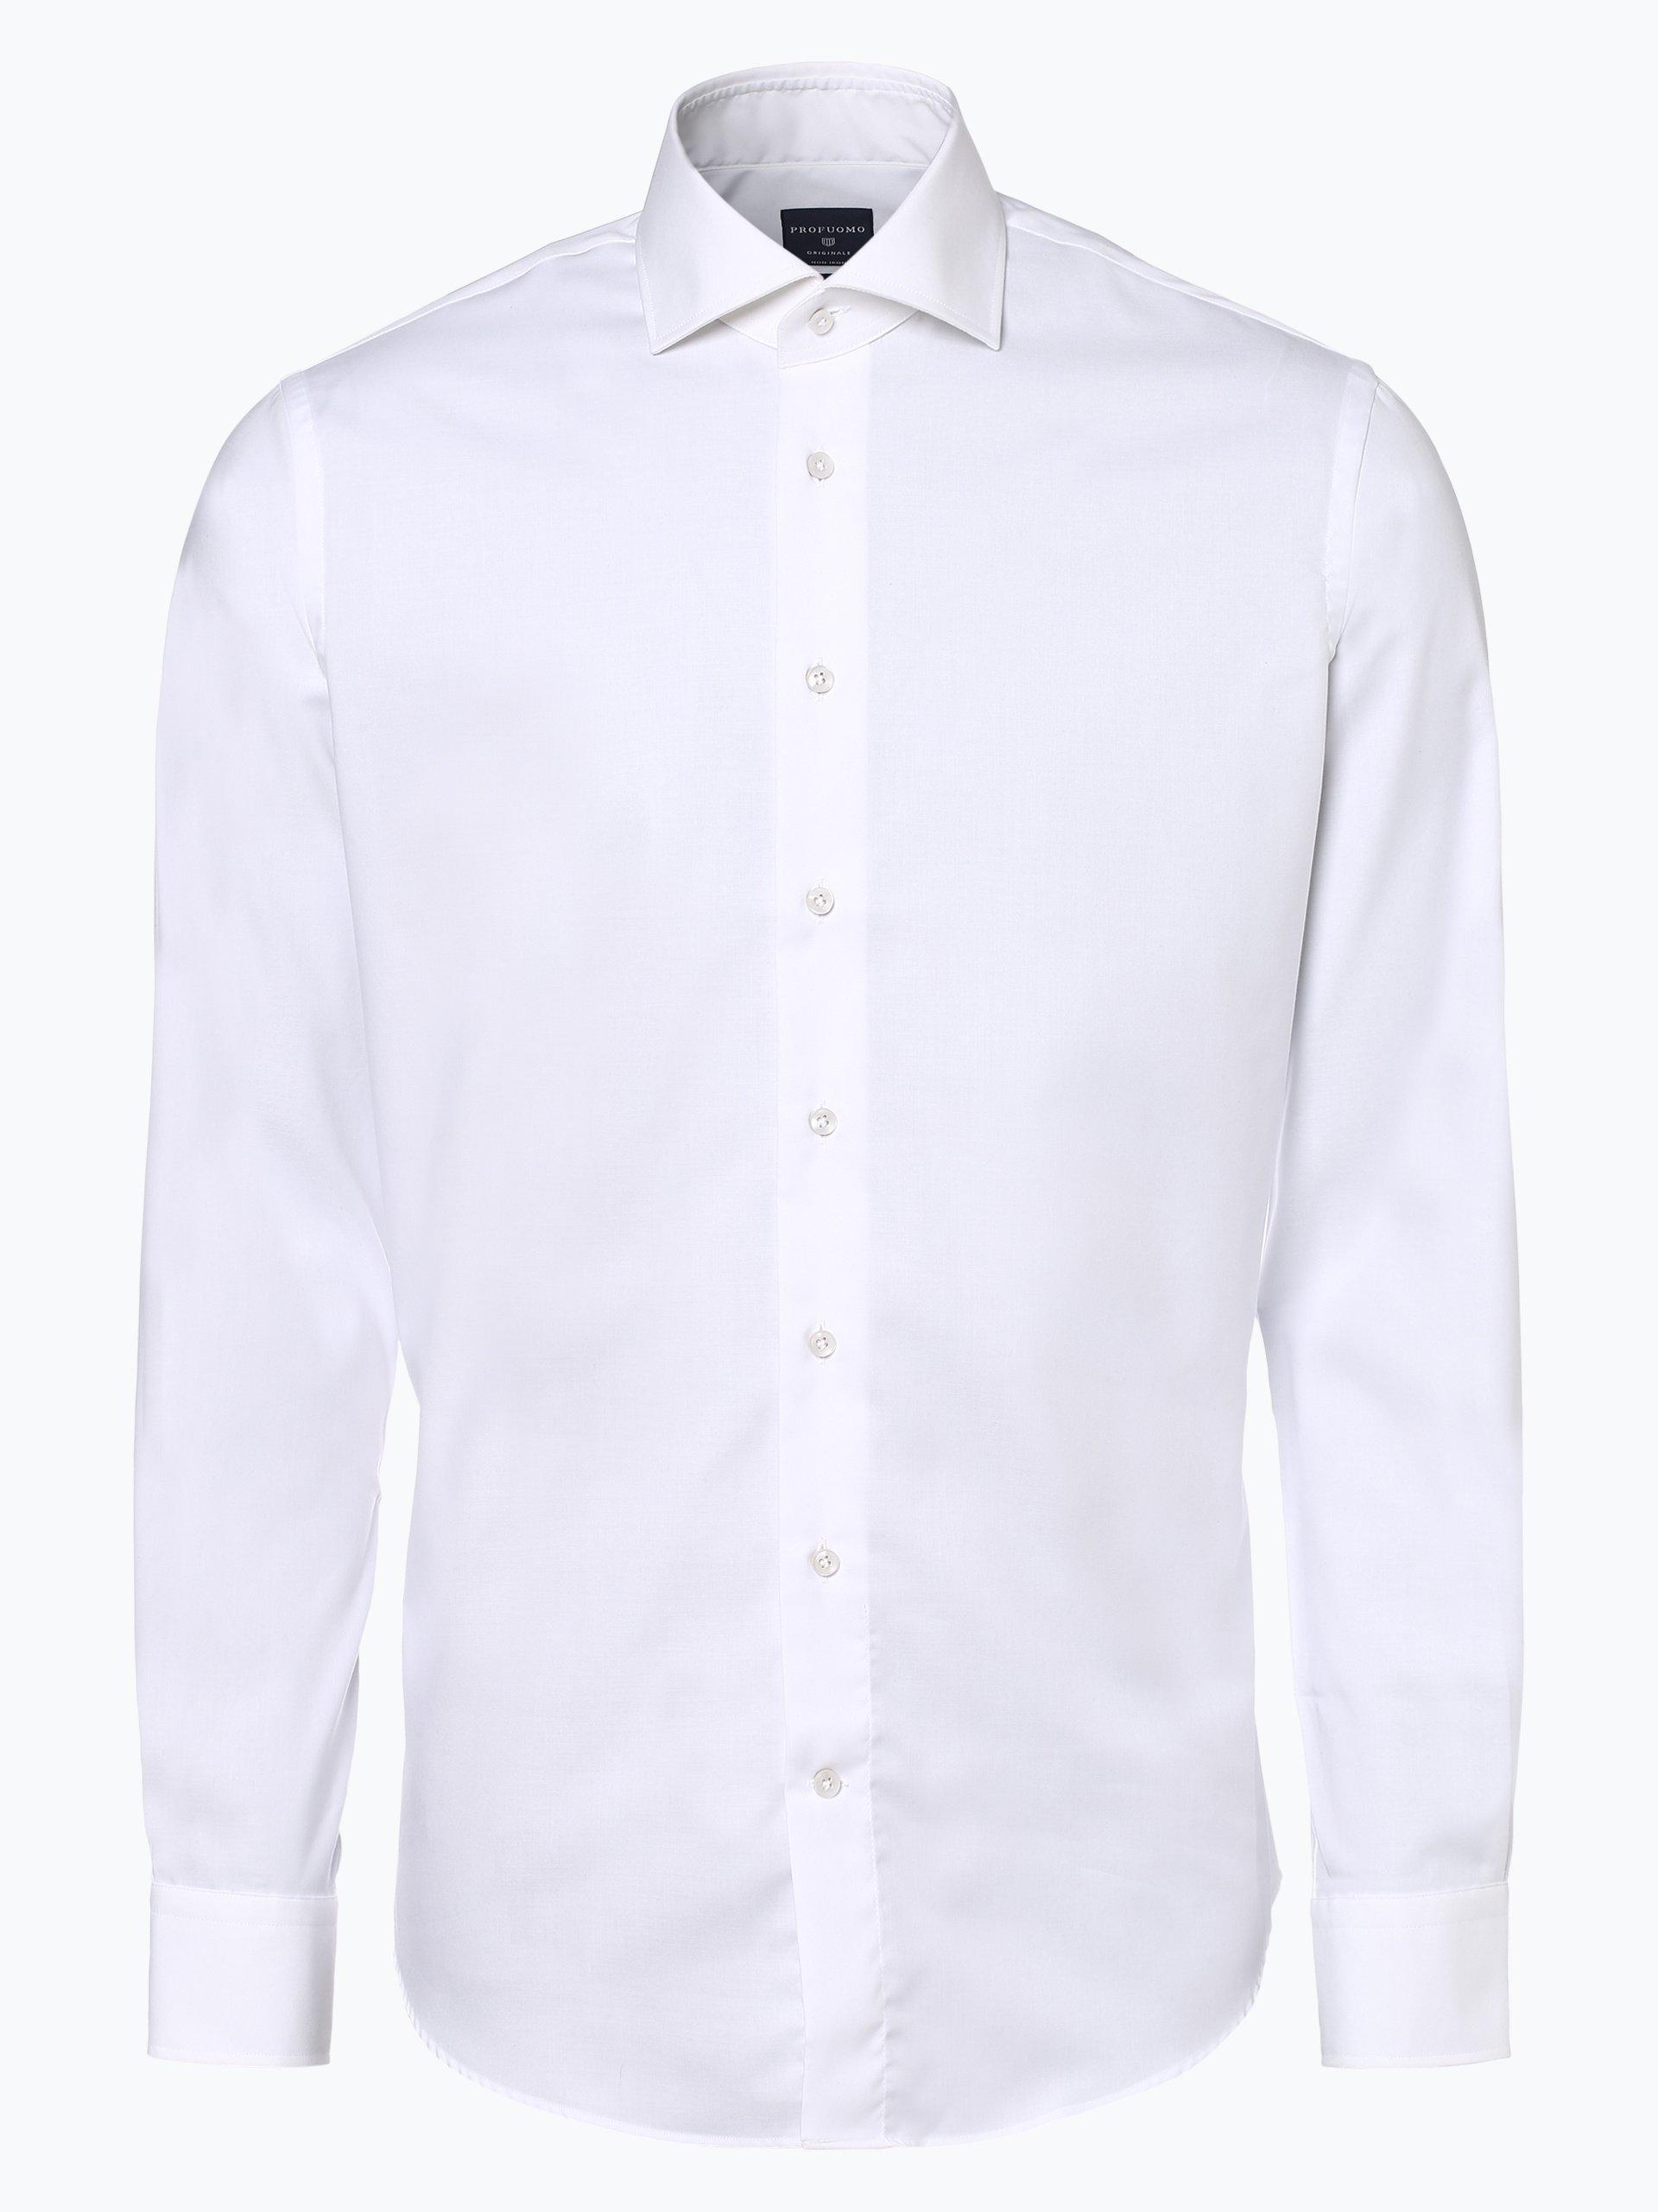 Profuomo Koszula męska – niewymagająca prasowania